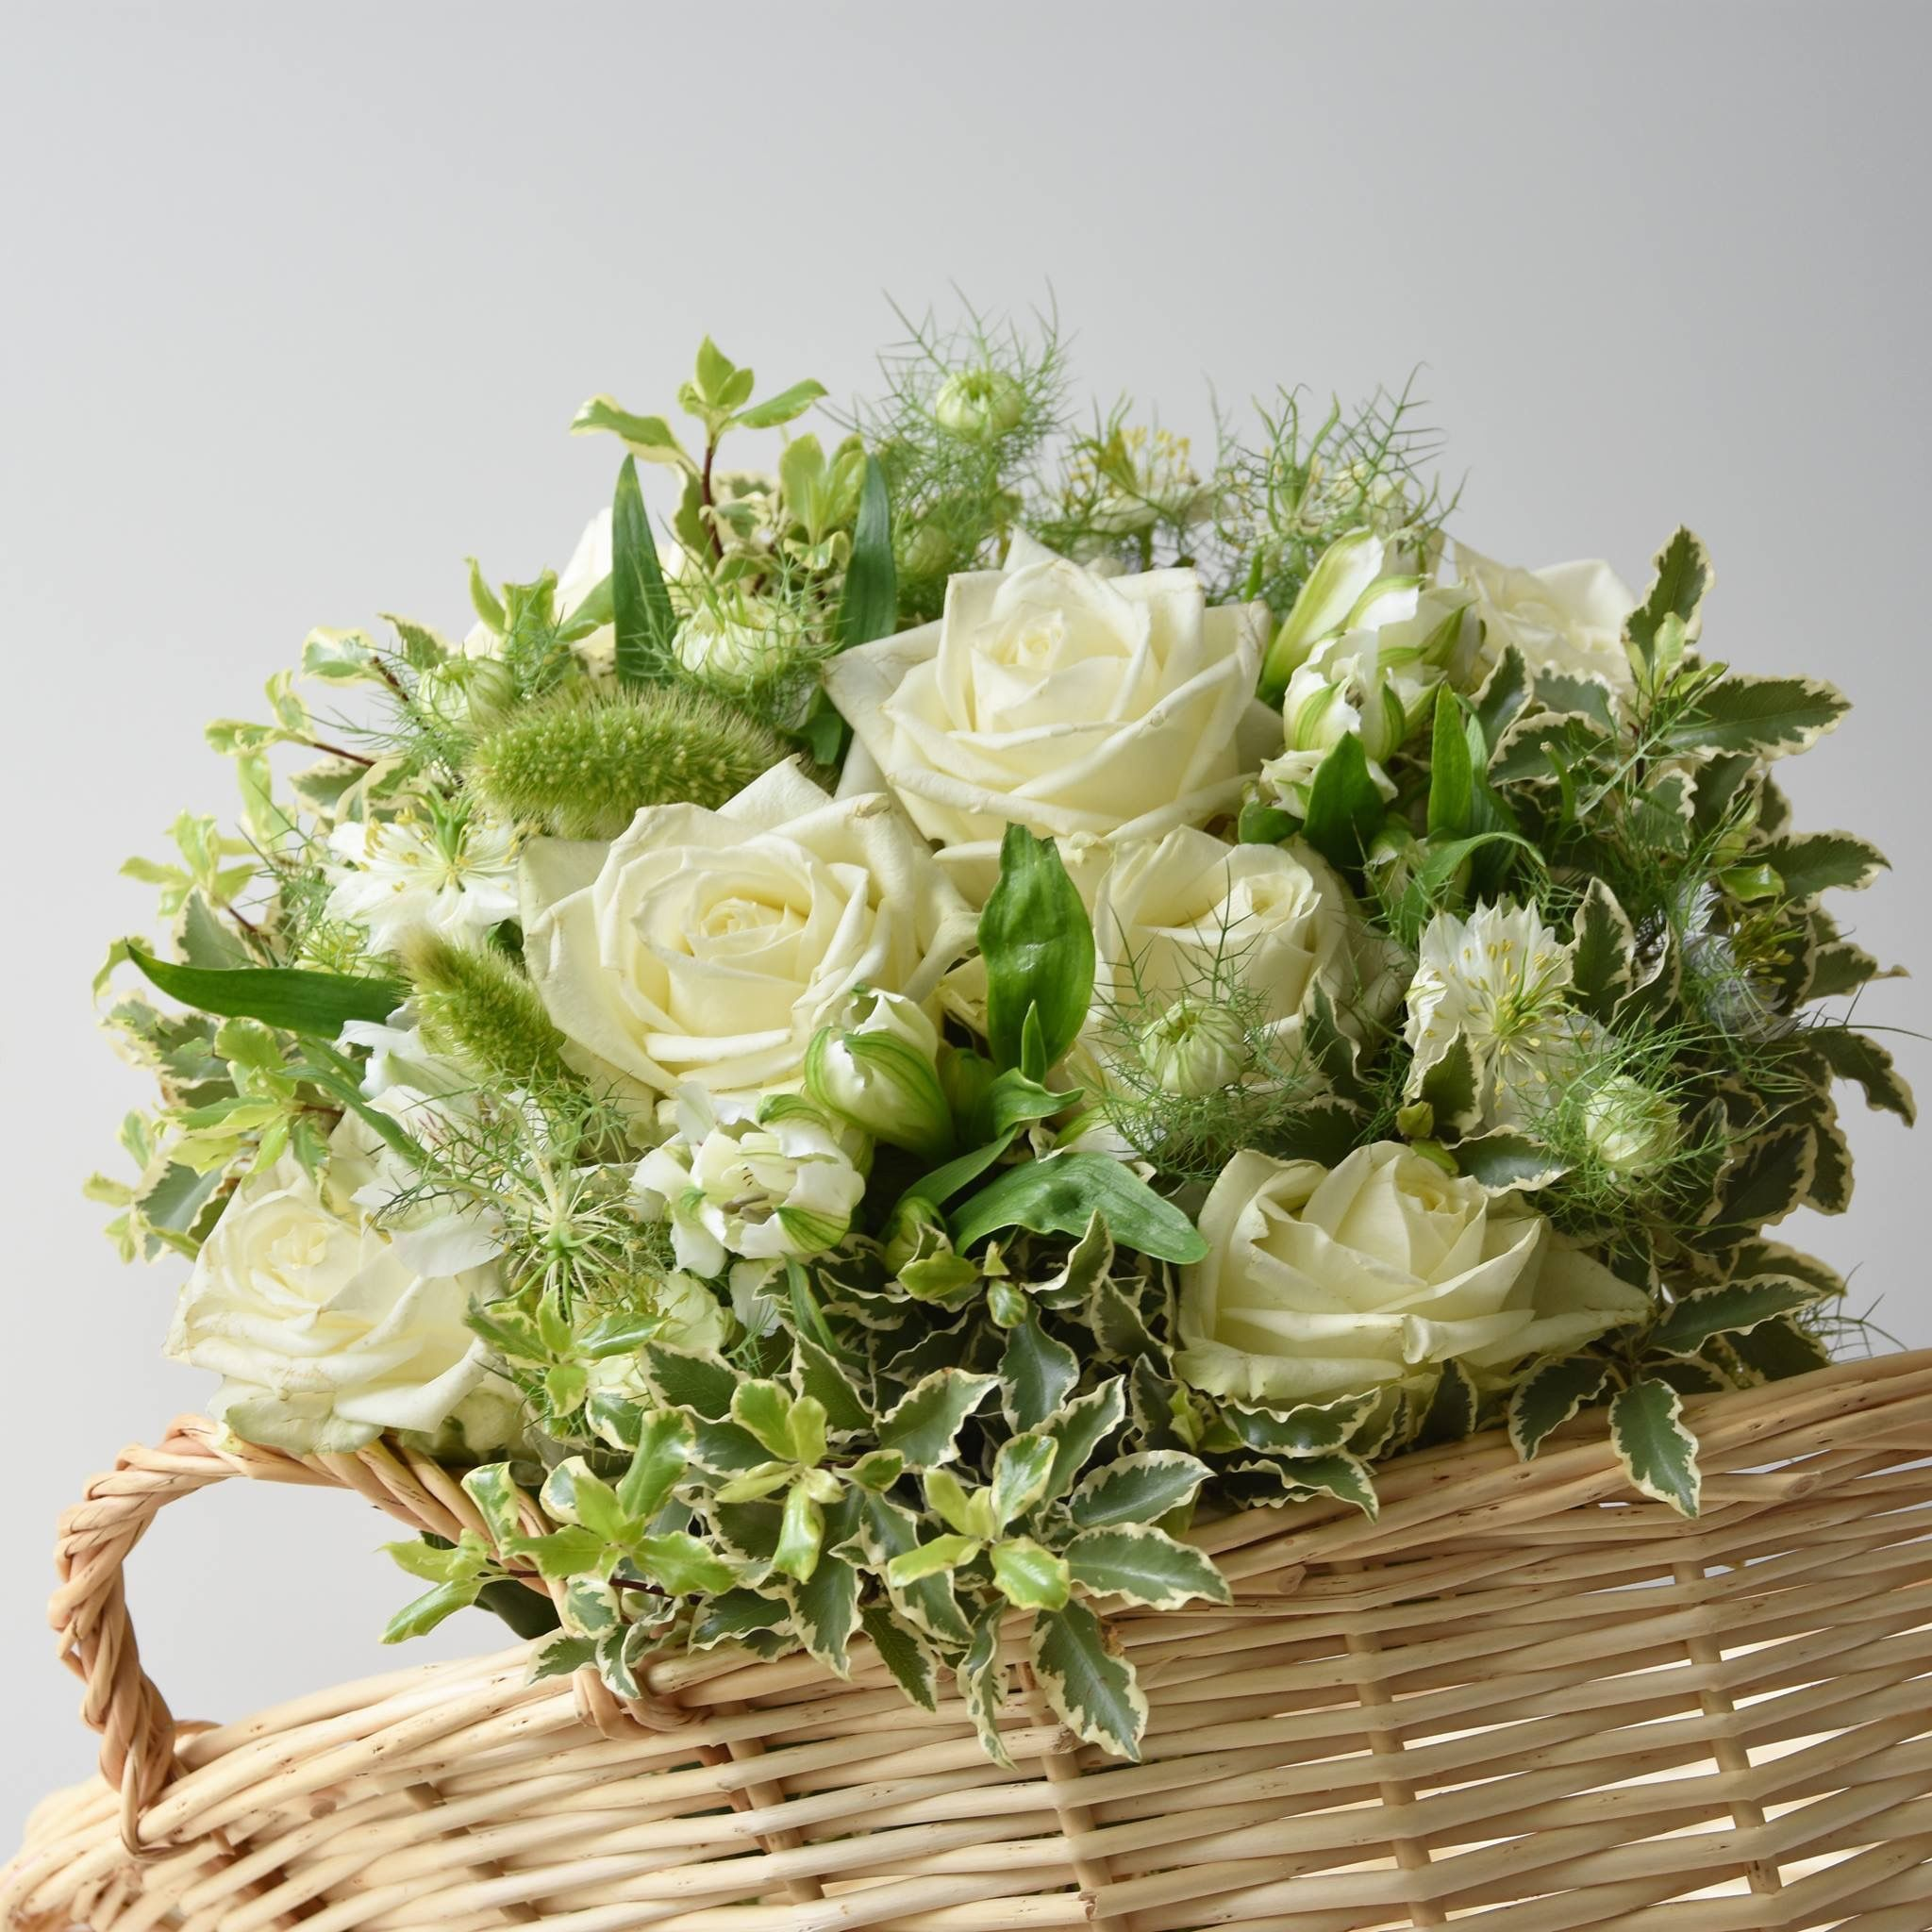 Bouquet Blanc Et Vert Flowerdelivery Bouquetaquarelle